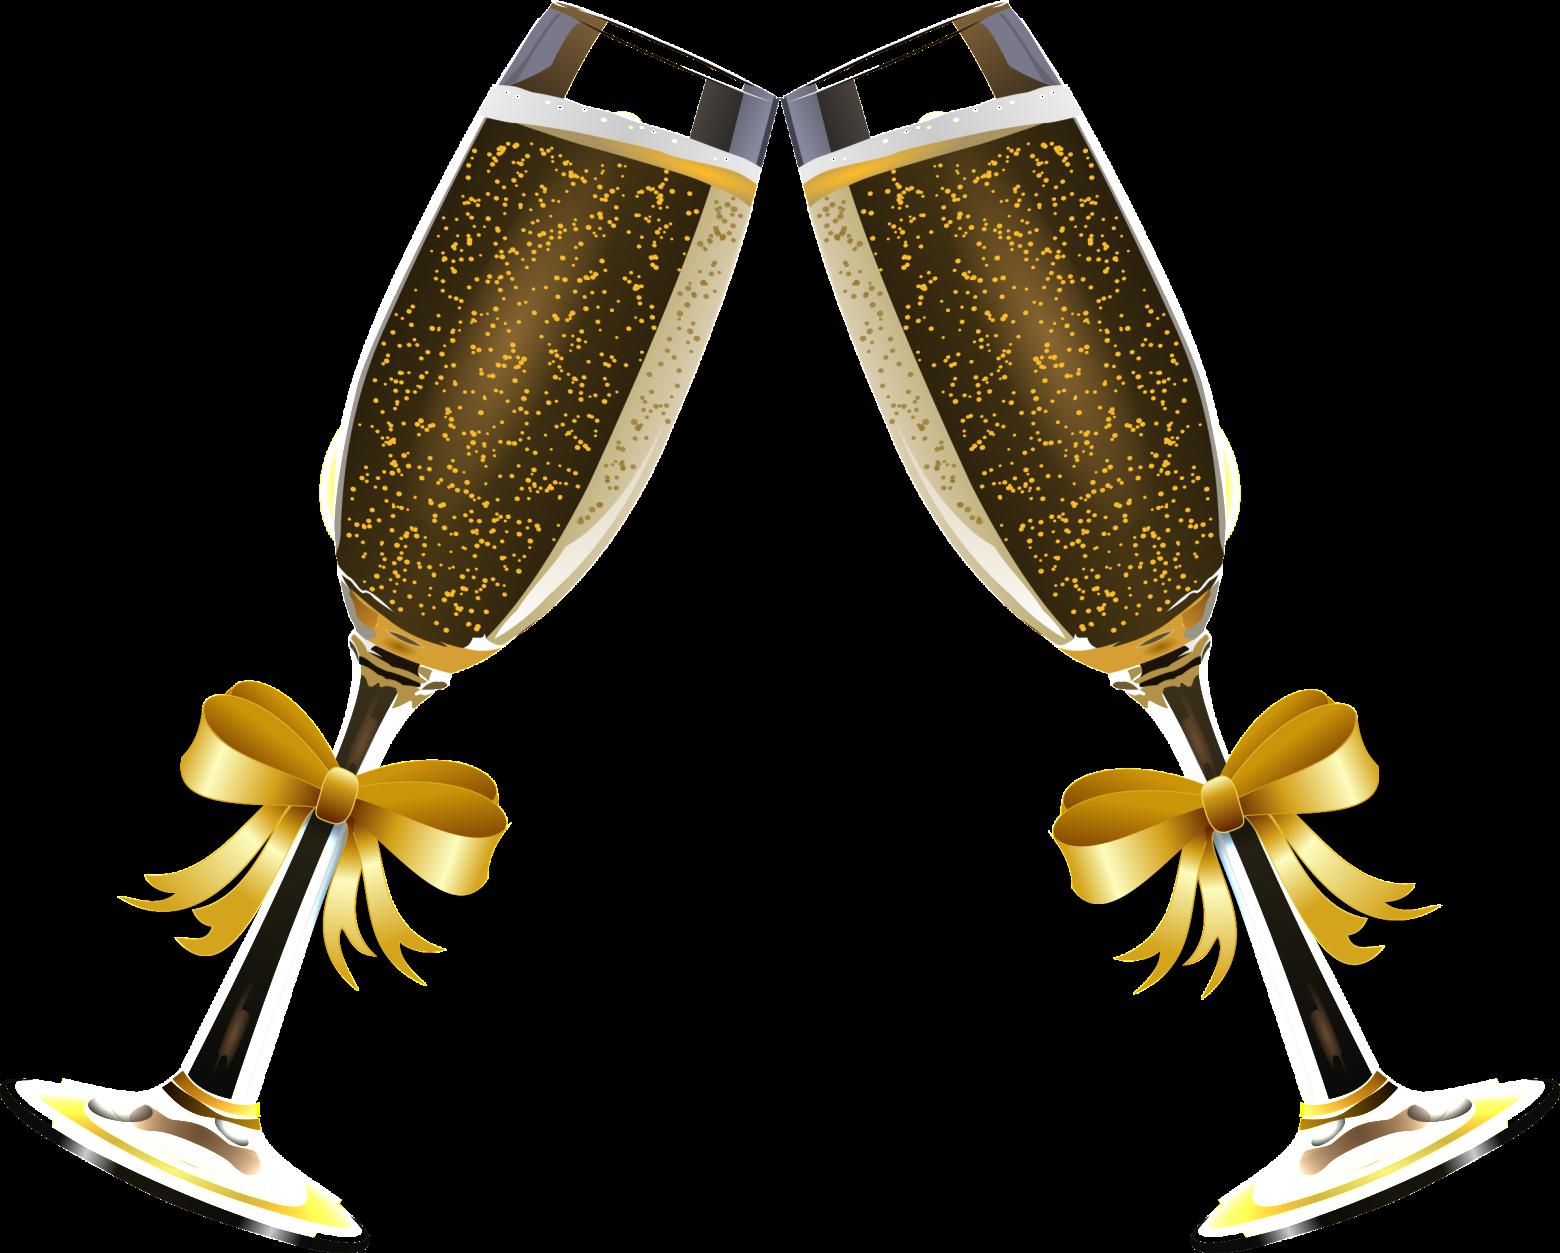 De champagne clipartfest. Coupe clipart gratuit